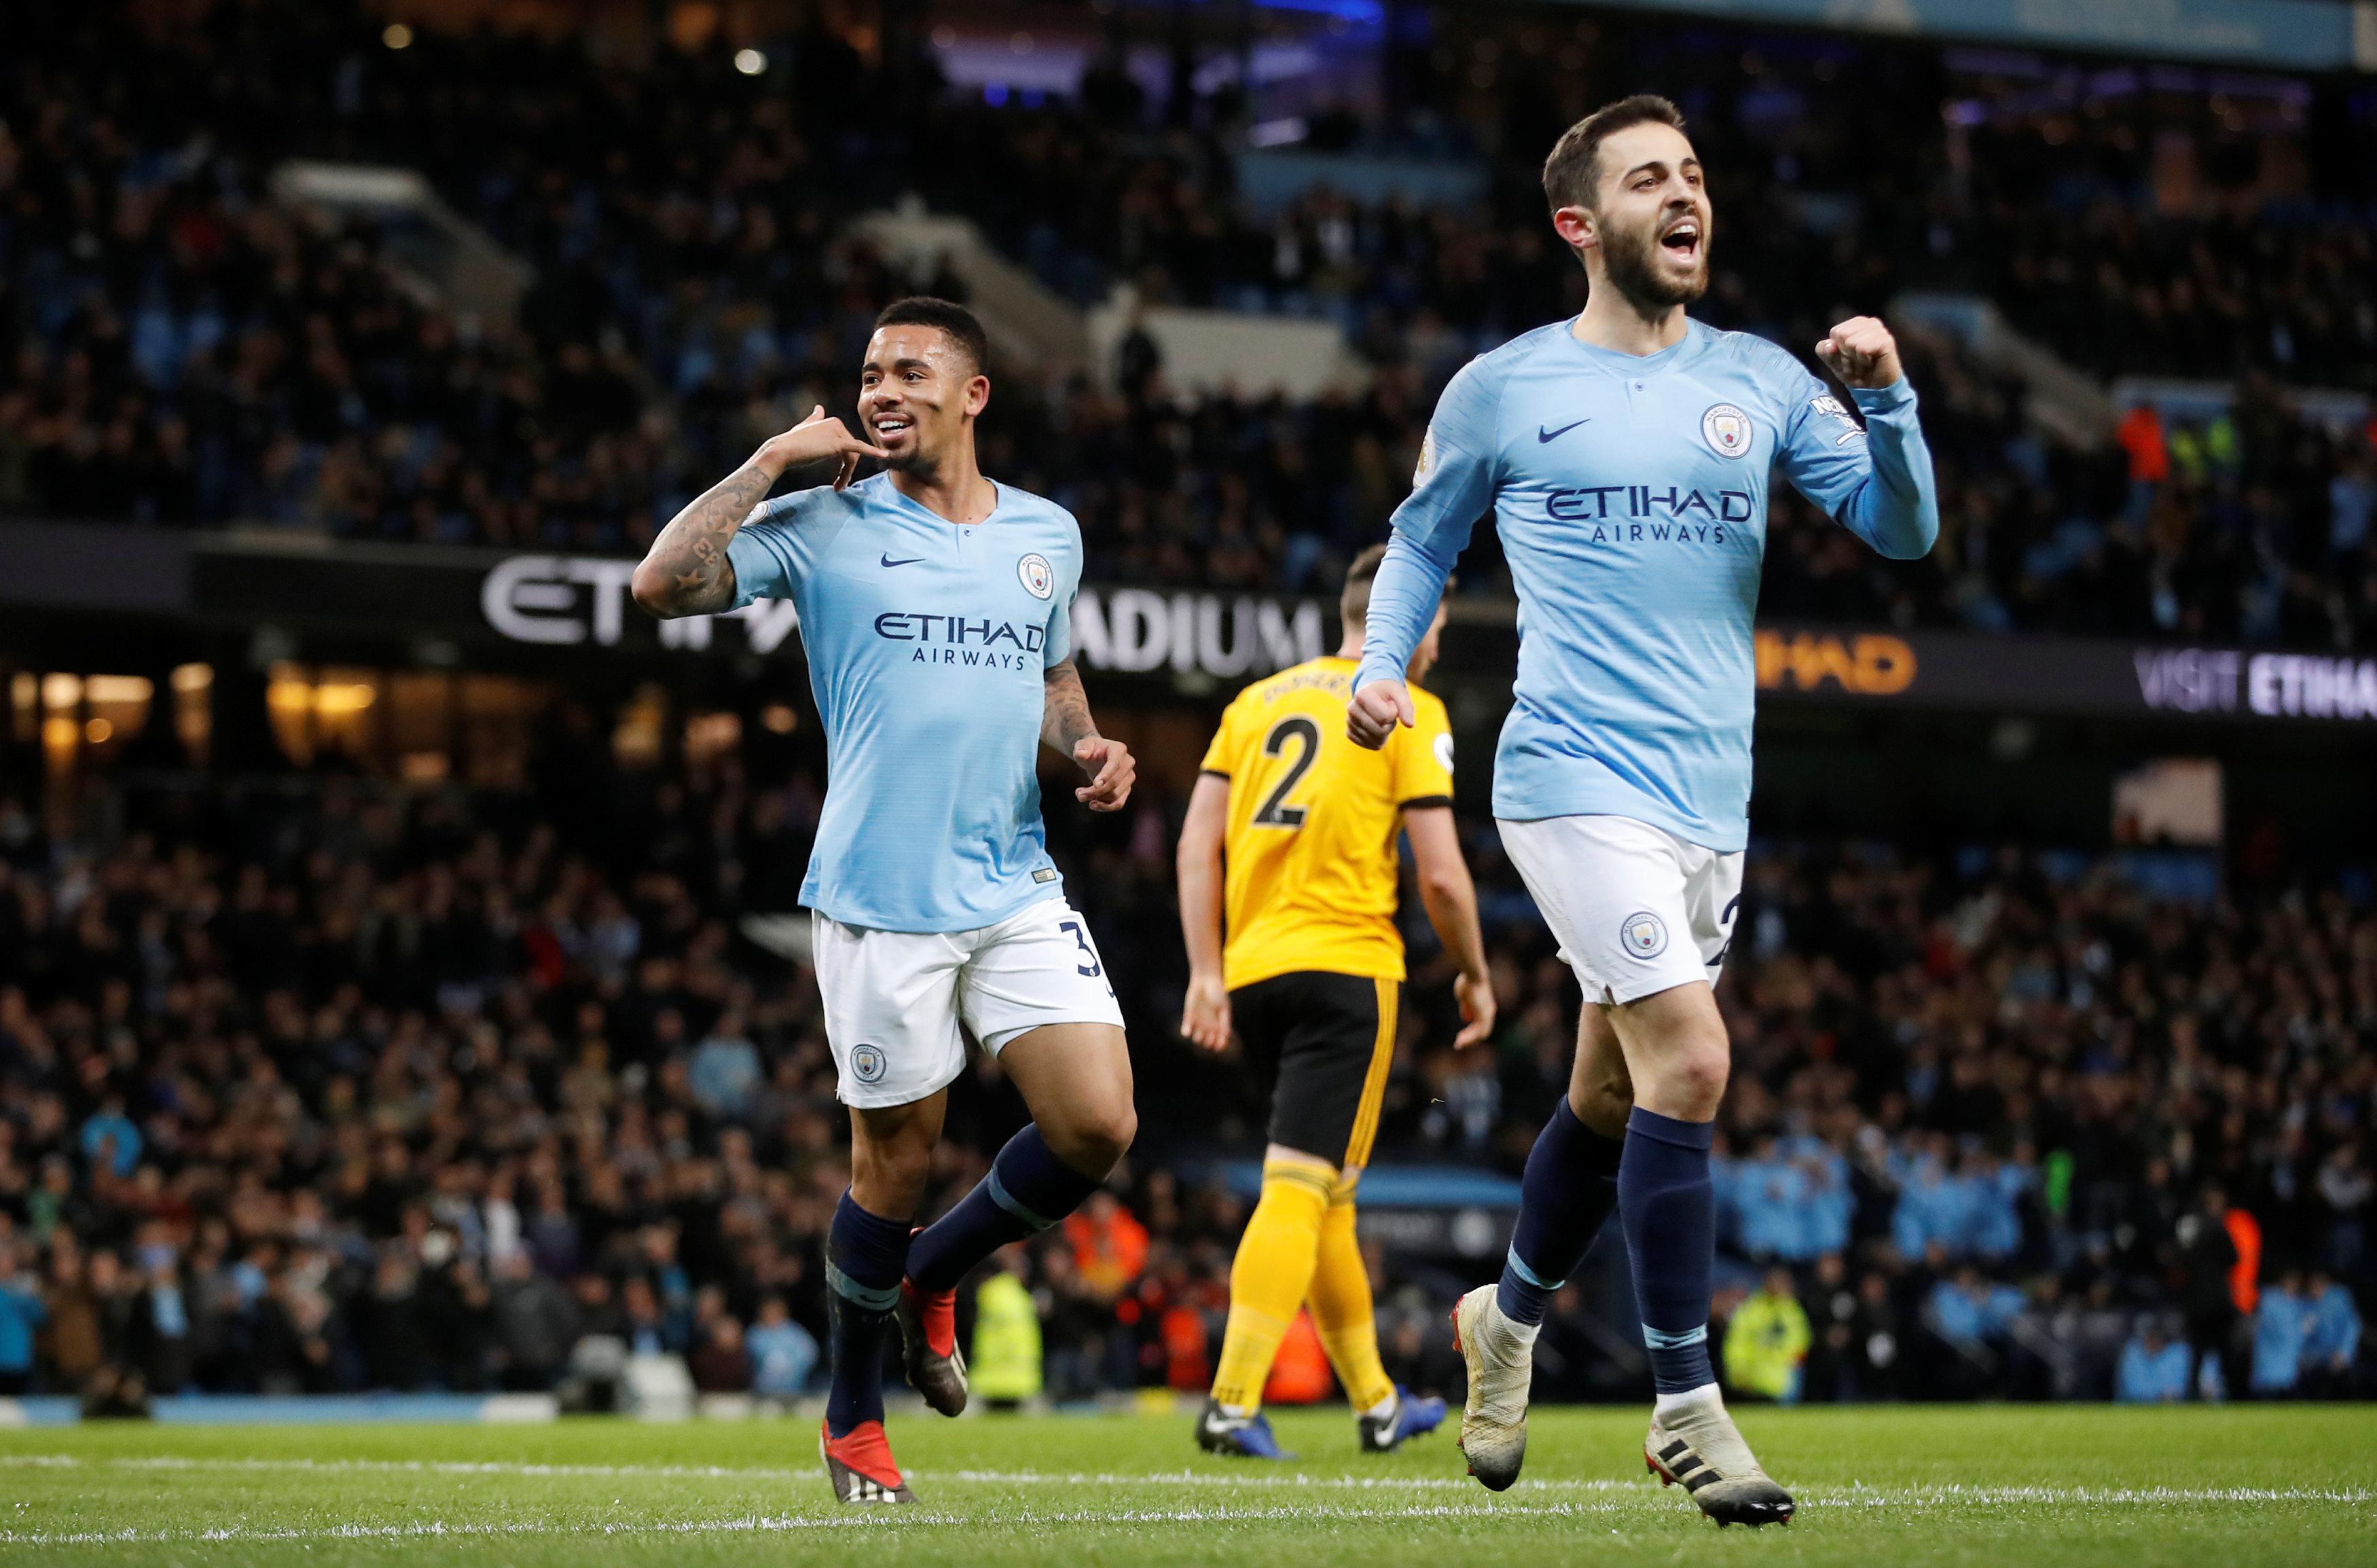 Football - Etranger - Les plus beaux buts de Manchester City contre Wolverhampton